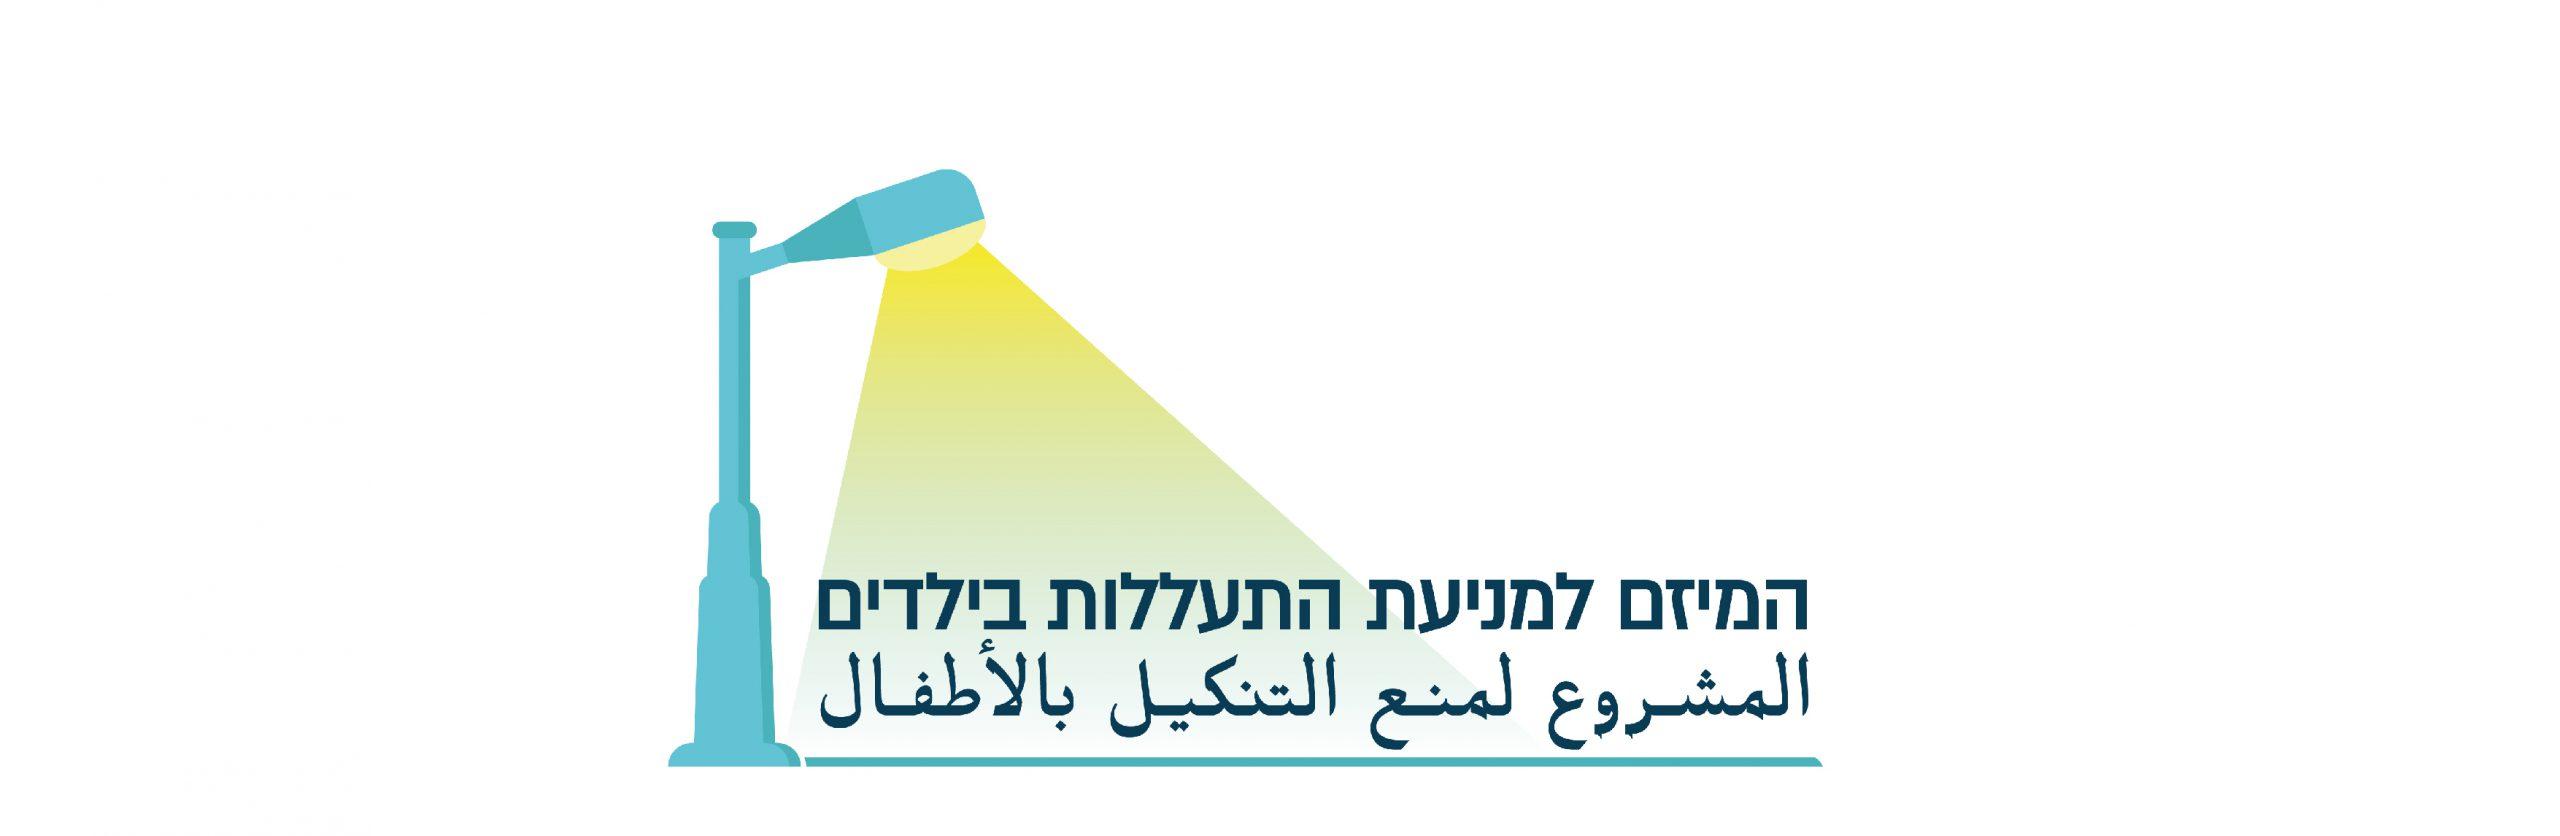 לוגו המיזם למניעת התעללות והזנחה